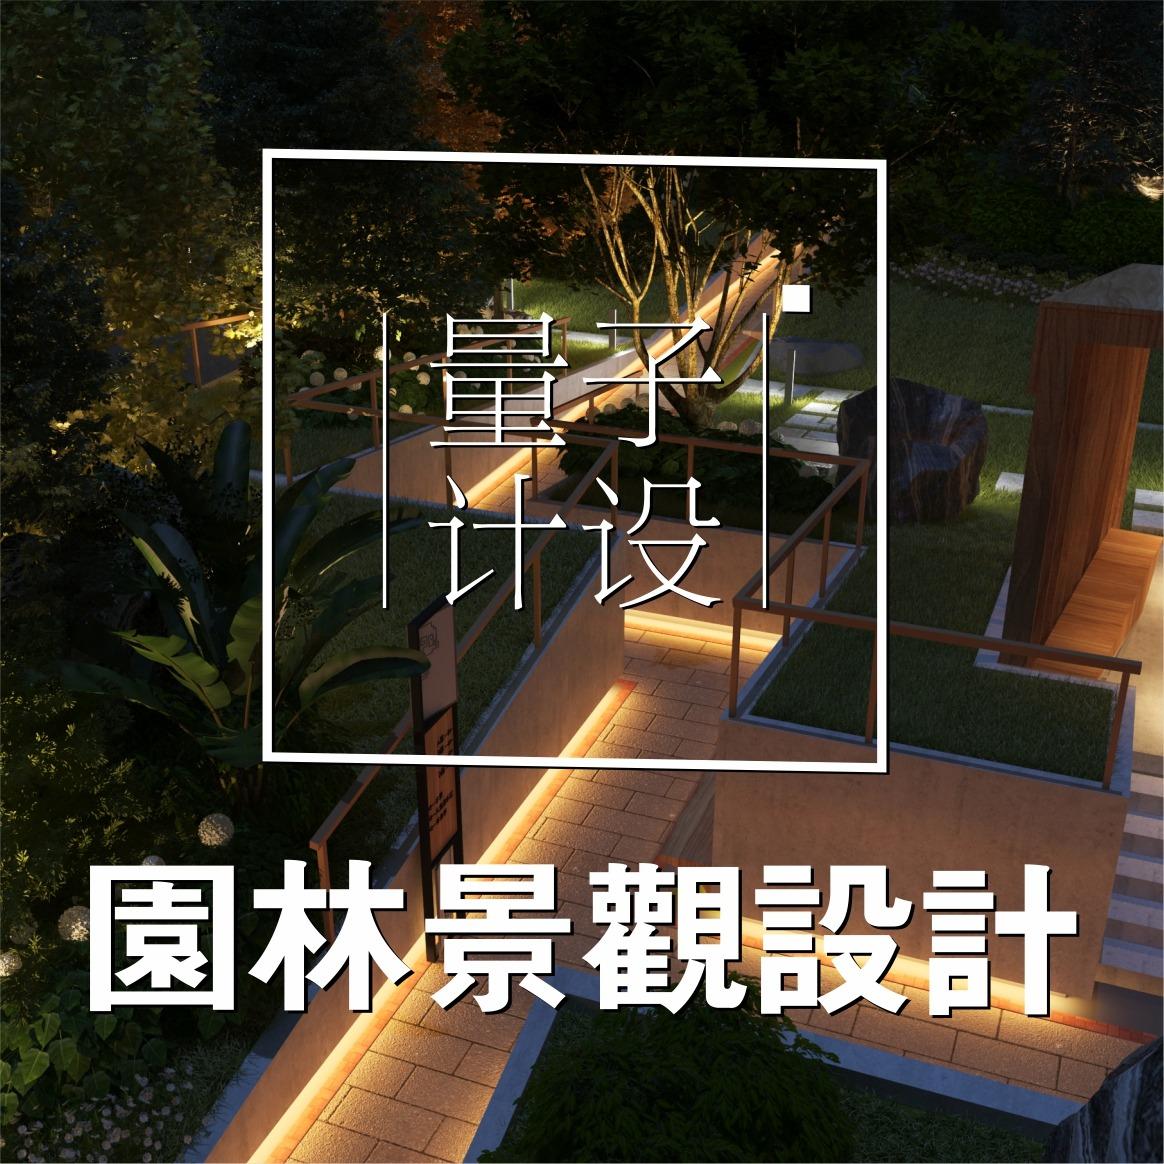 园林景观设计 景观效果图景观规划 小区公园学校绿地景观效果图